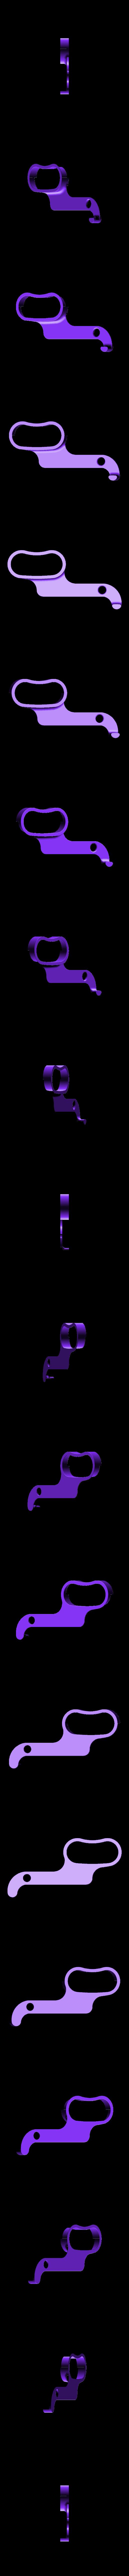 lever.stl Télécharger fichier STL gratuit Levier • Design à imprimer en 3D, omni-moulage